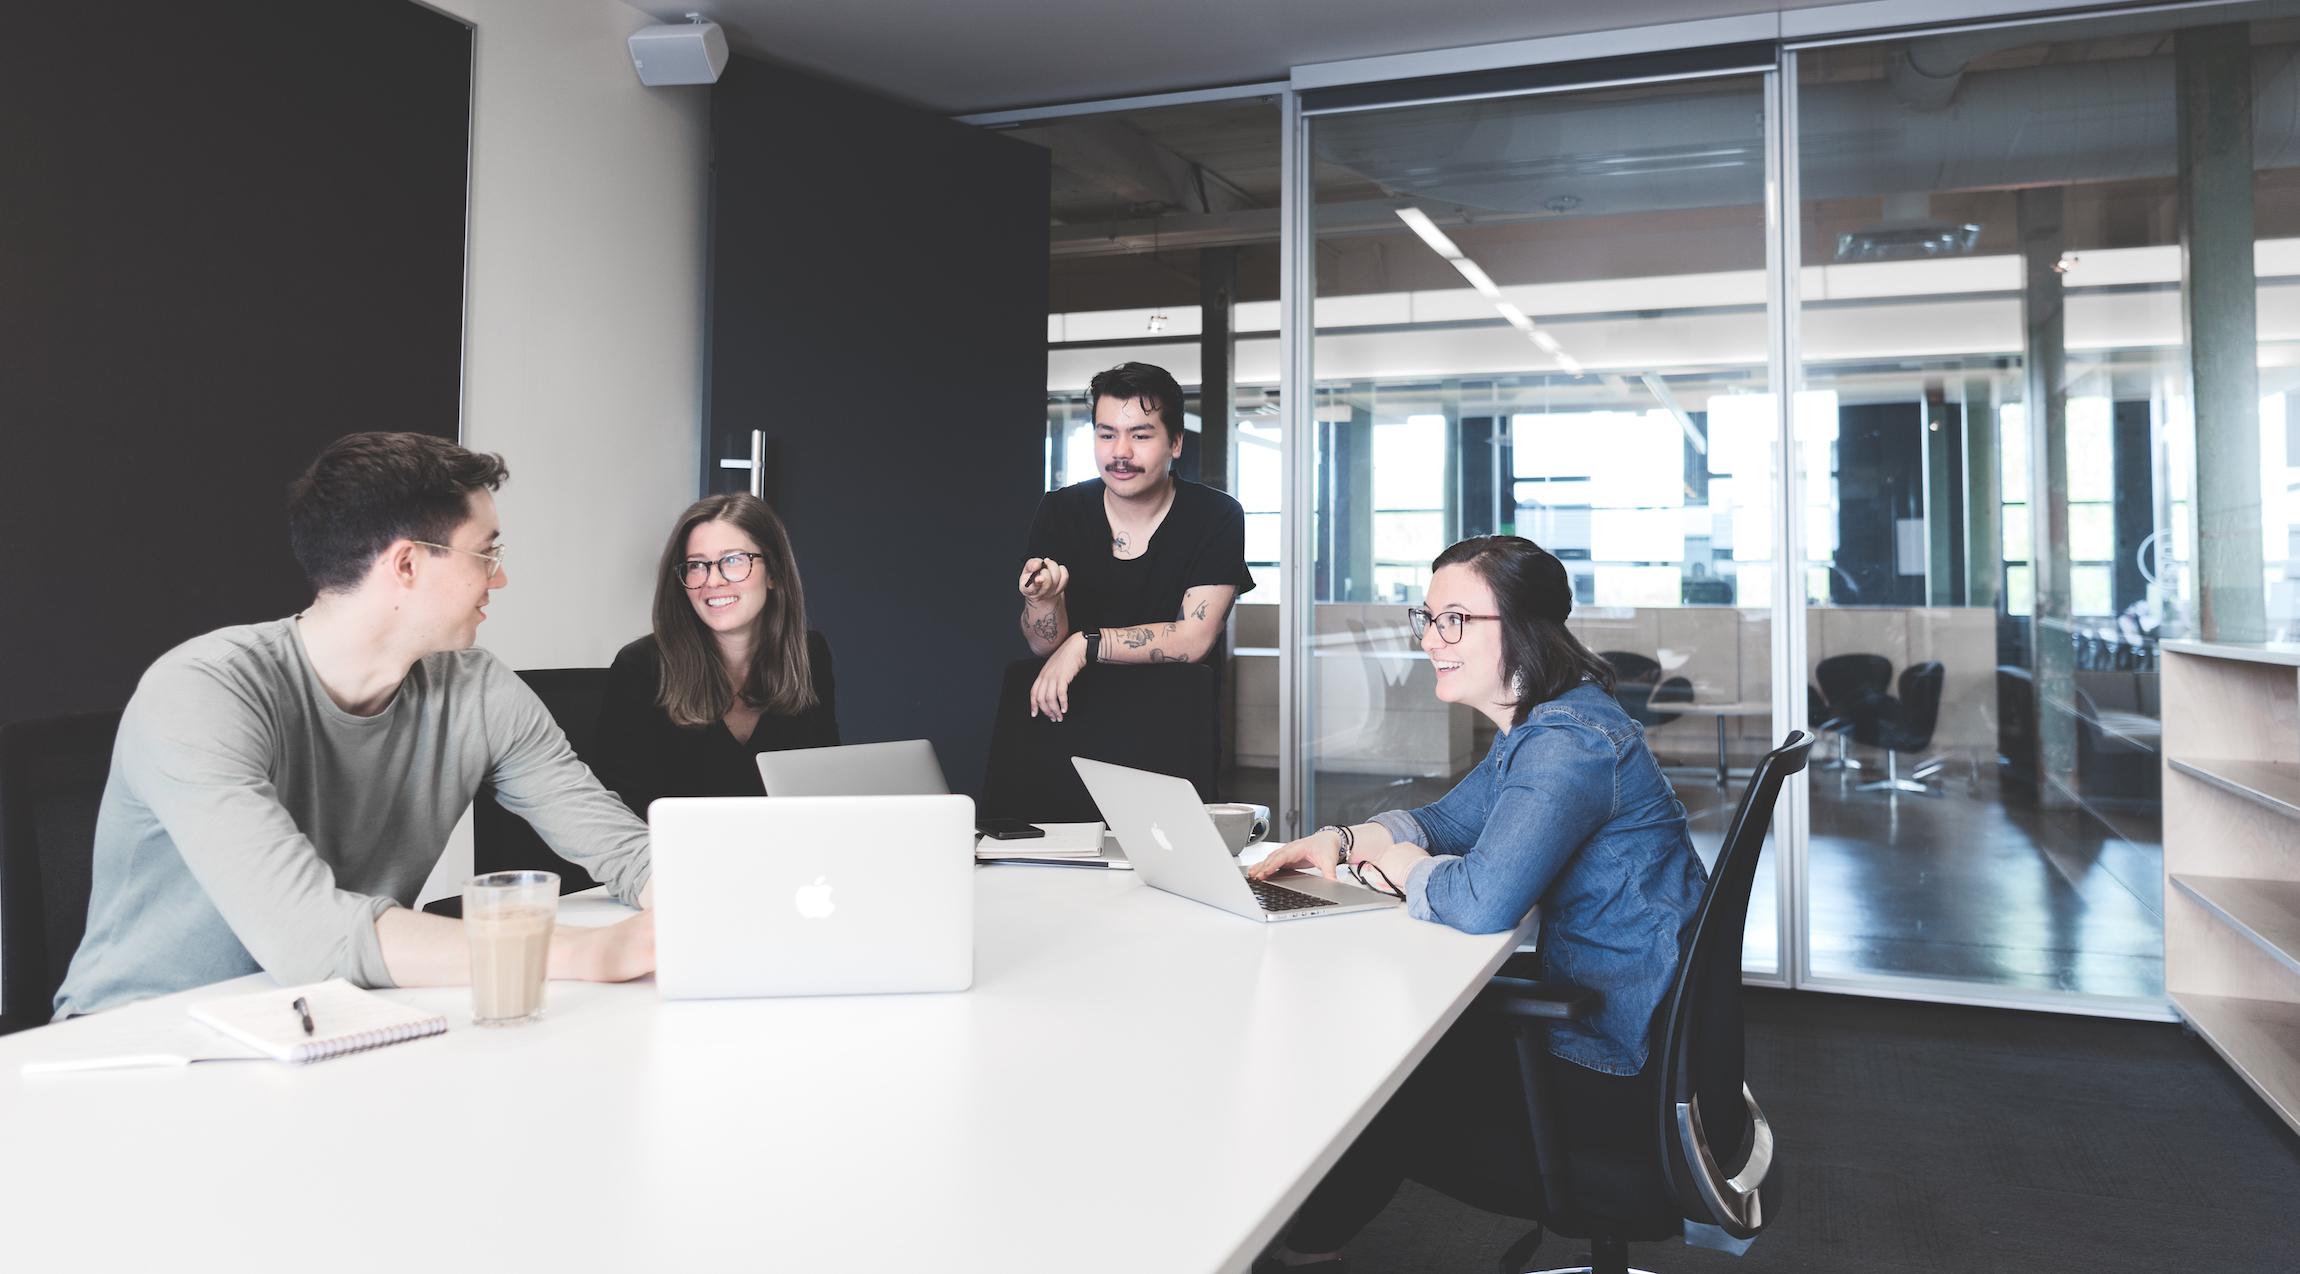 Analyste en solutions de performance (Toronto)